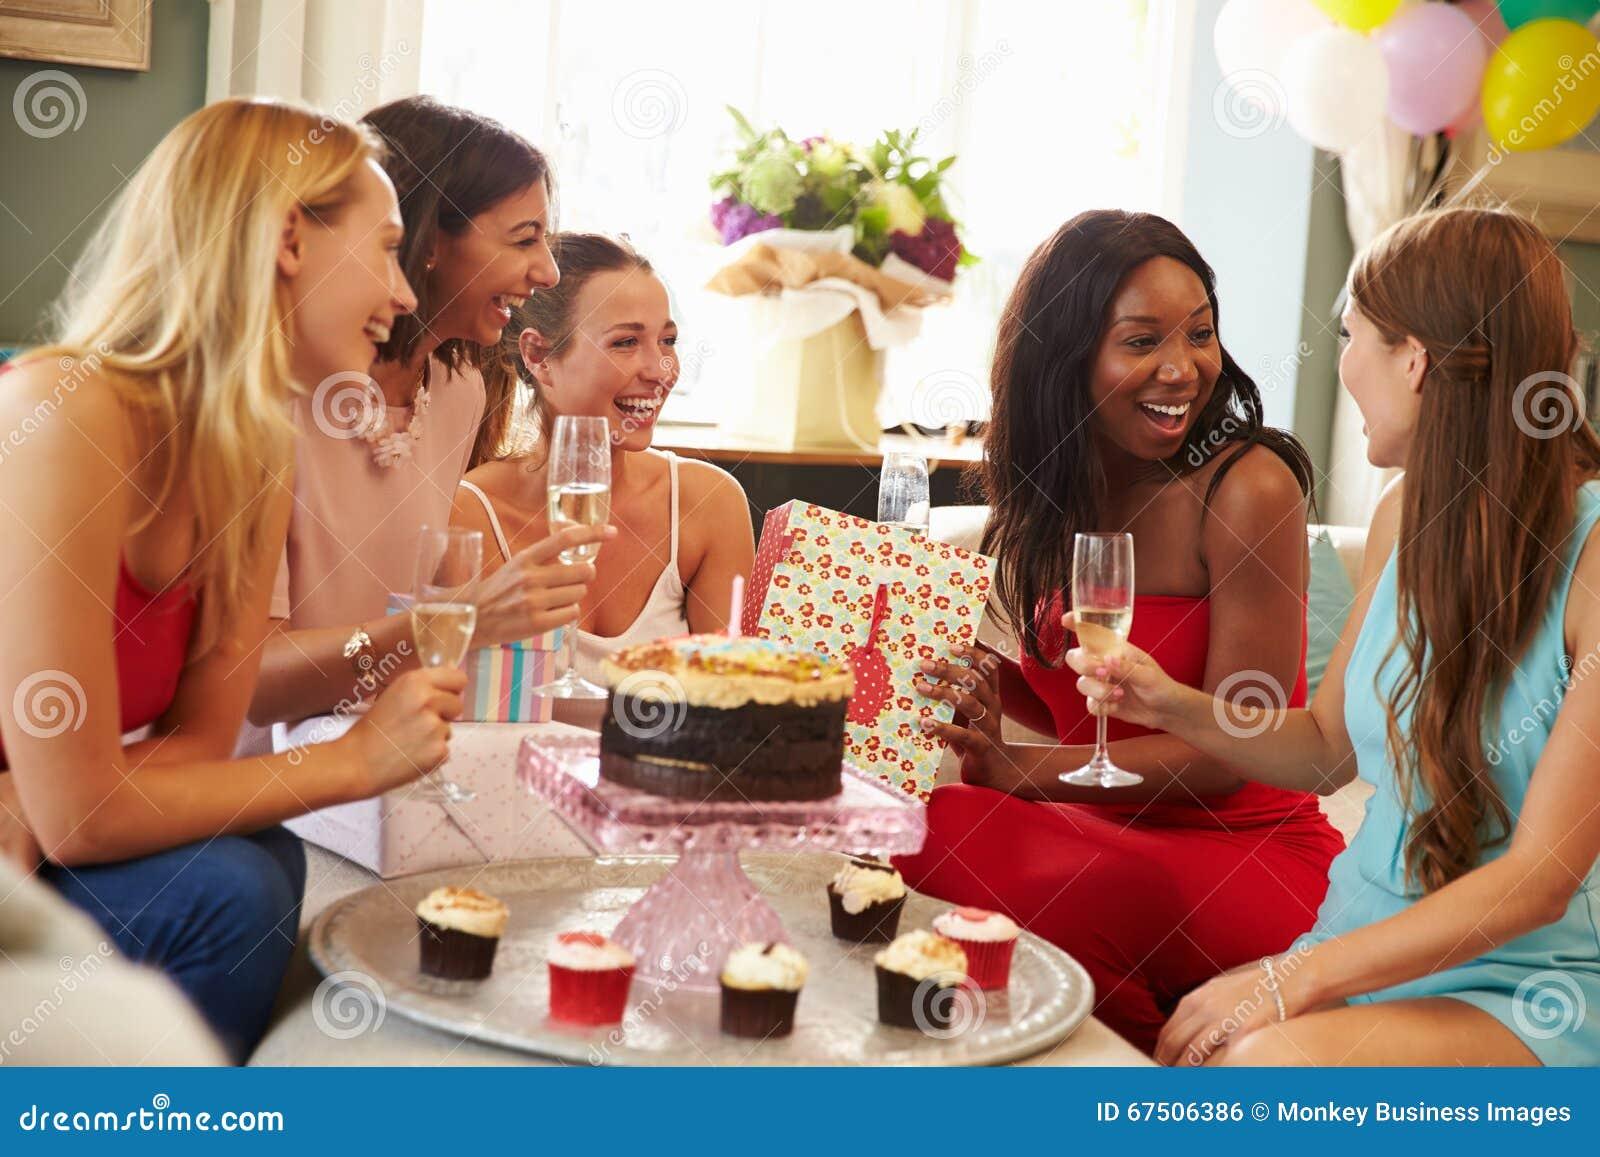 Gruppe Freundinnen Die Zu Hause Geburtstag Feiern Stockfoto Bild